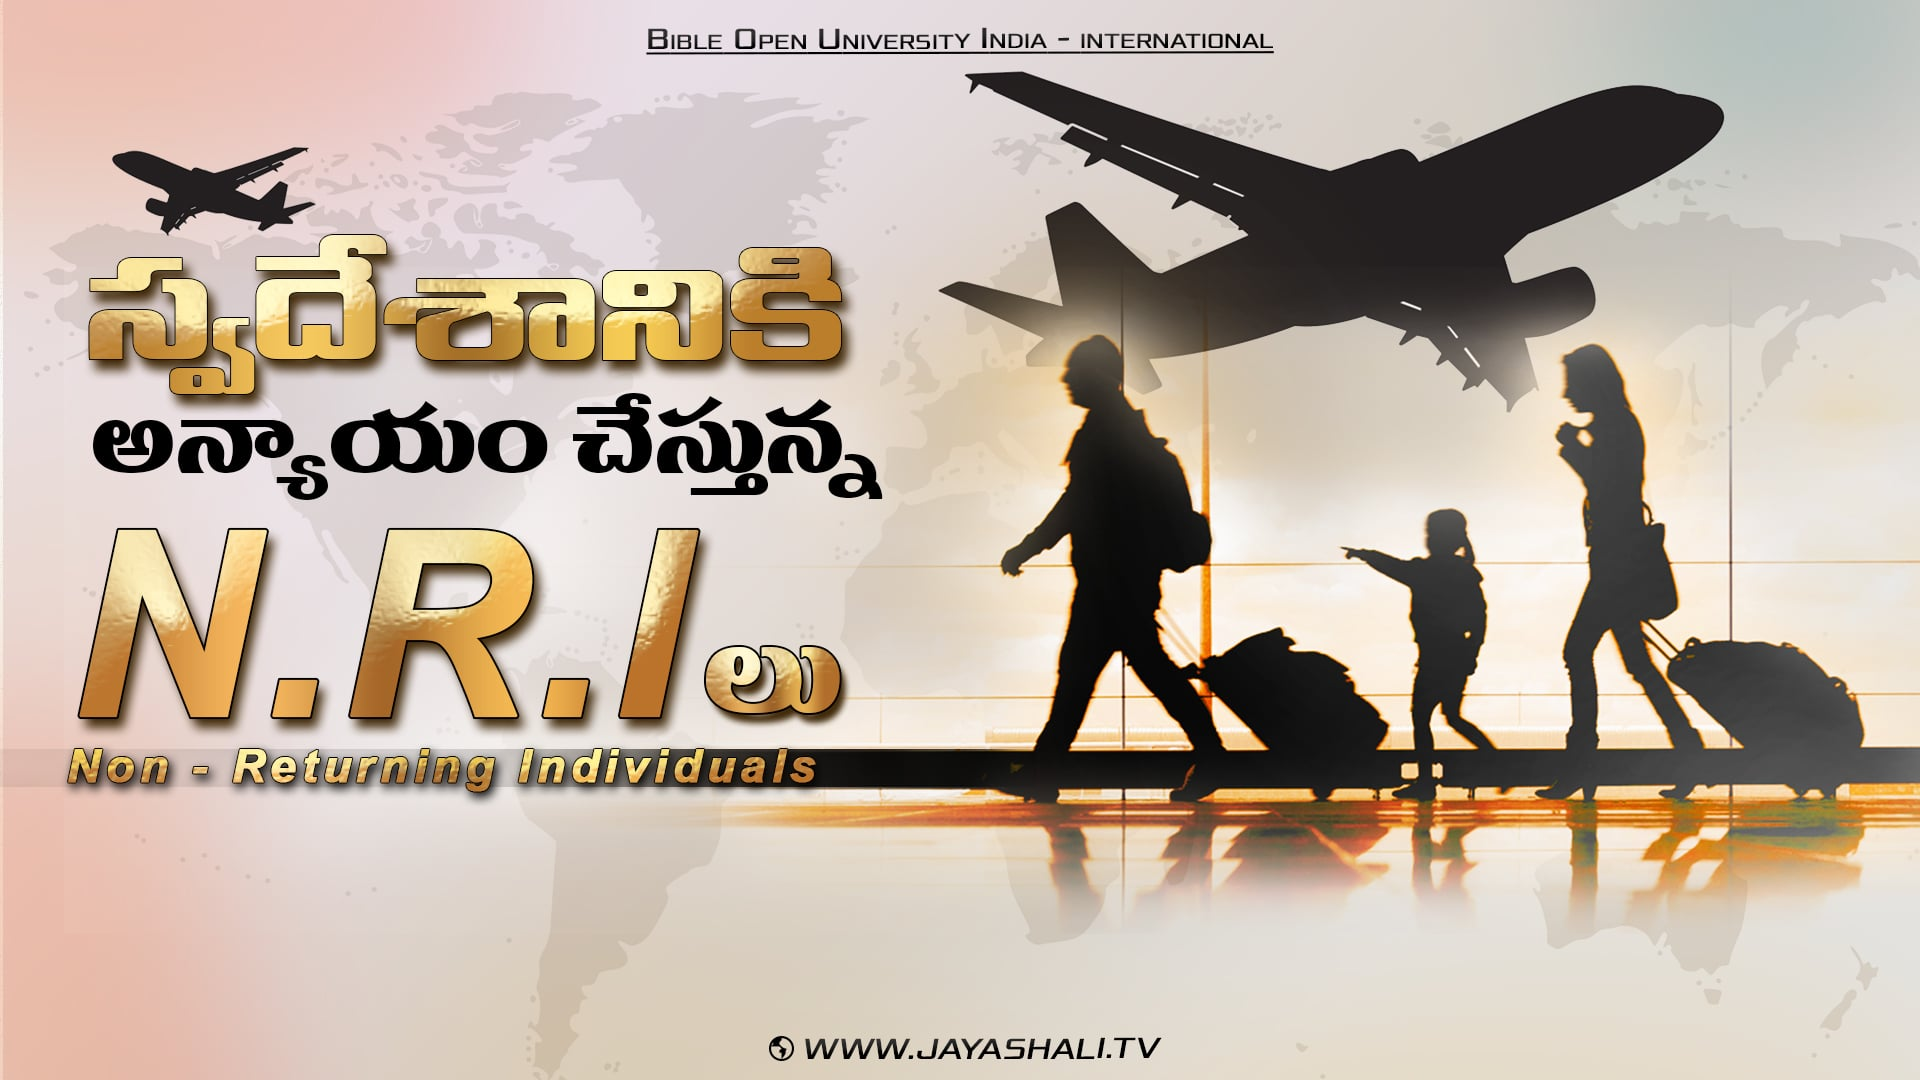 స్వదేశానికి అన్యాయం చేస్తున్న NRI లు (Non Returning individuals) | Sunday Topics L.P.B